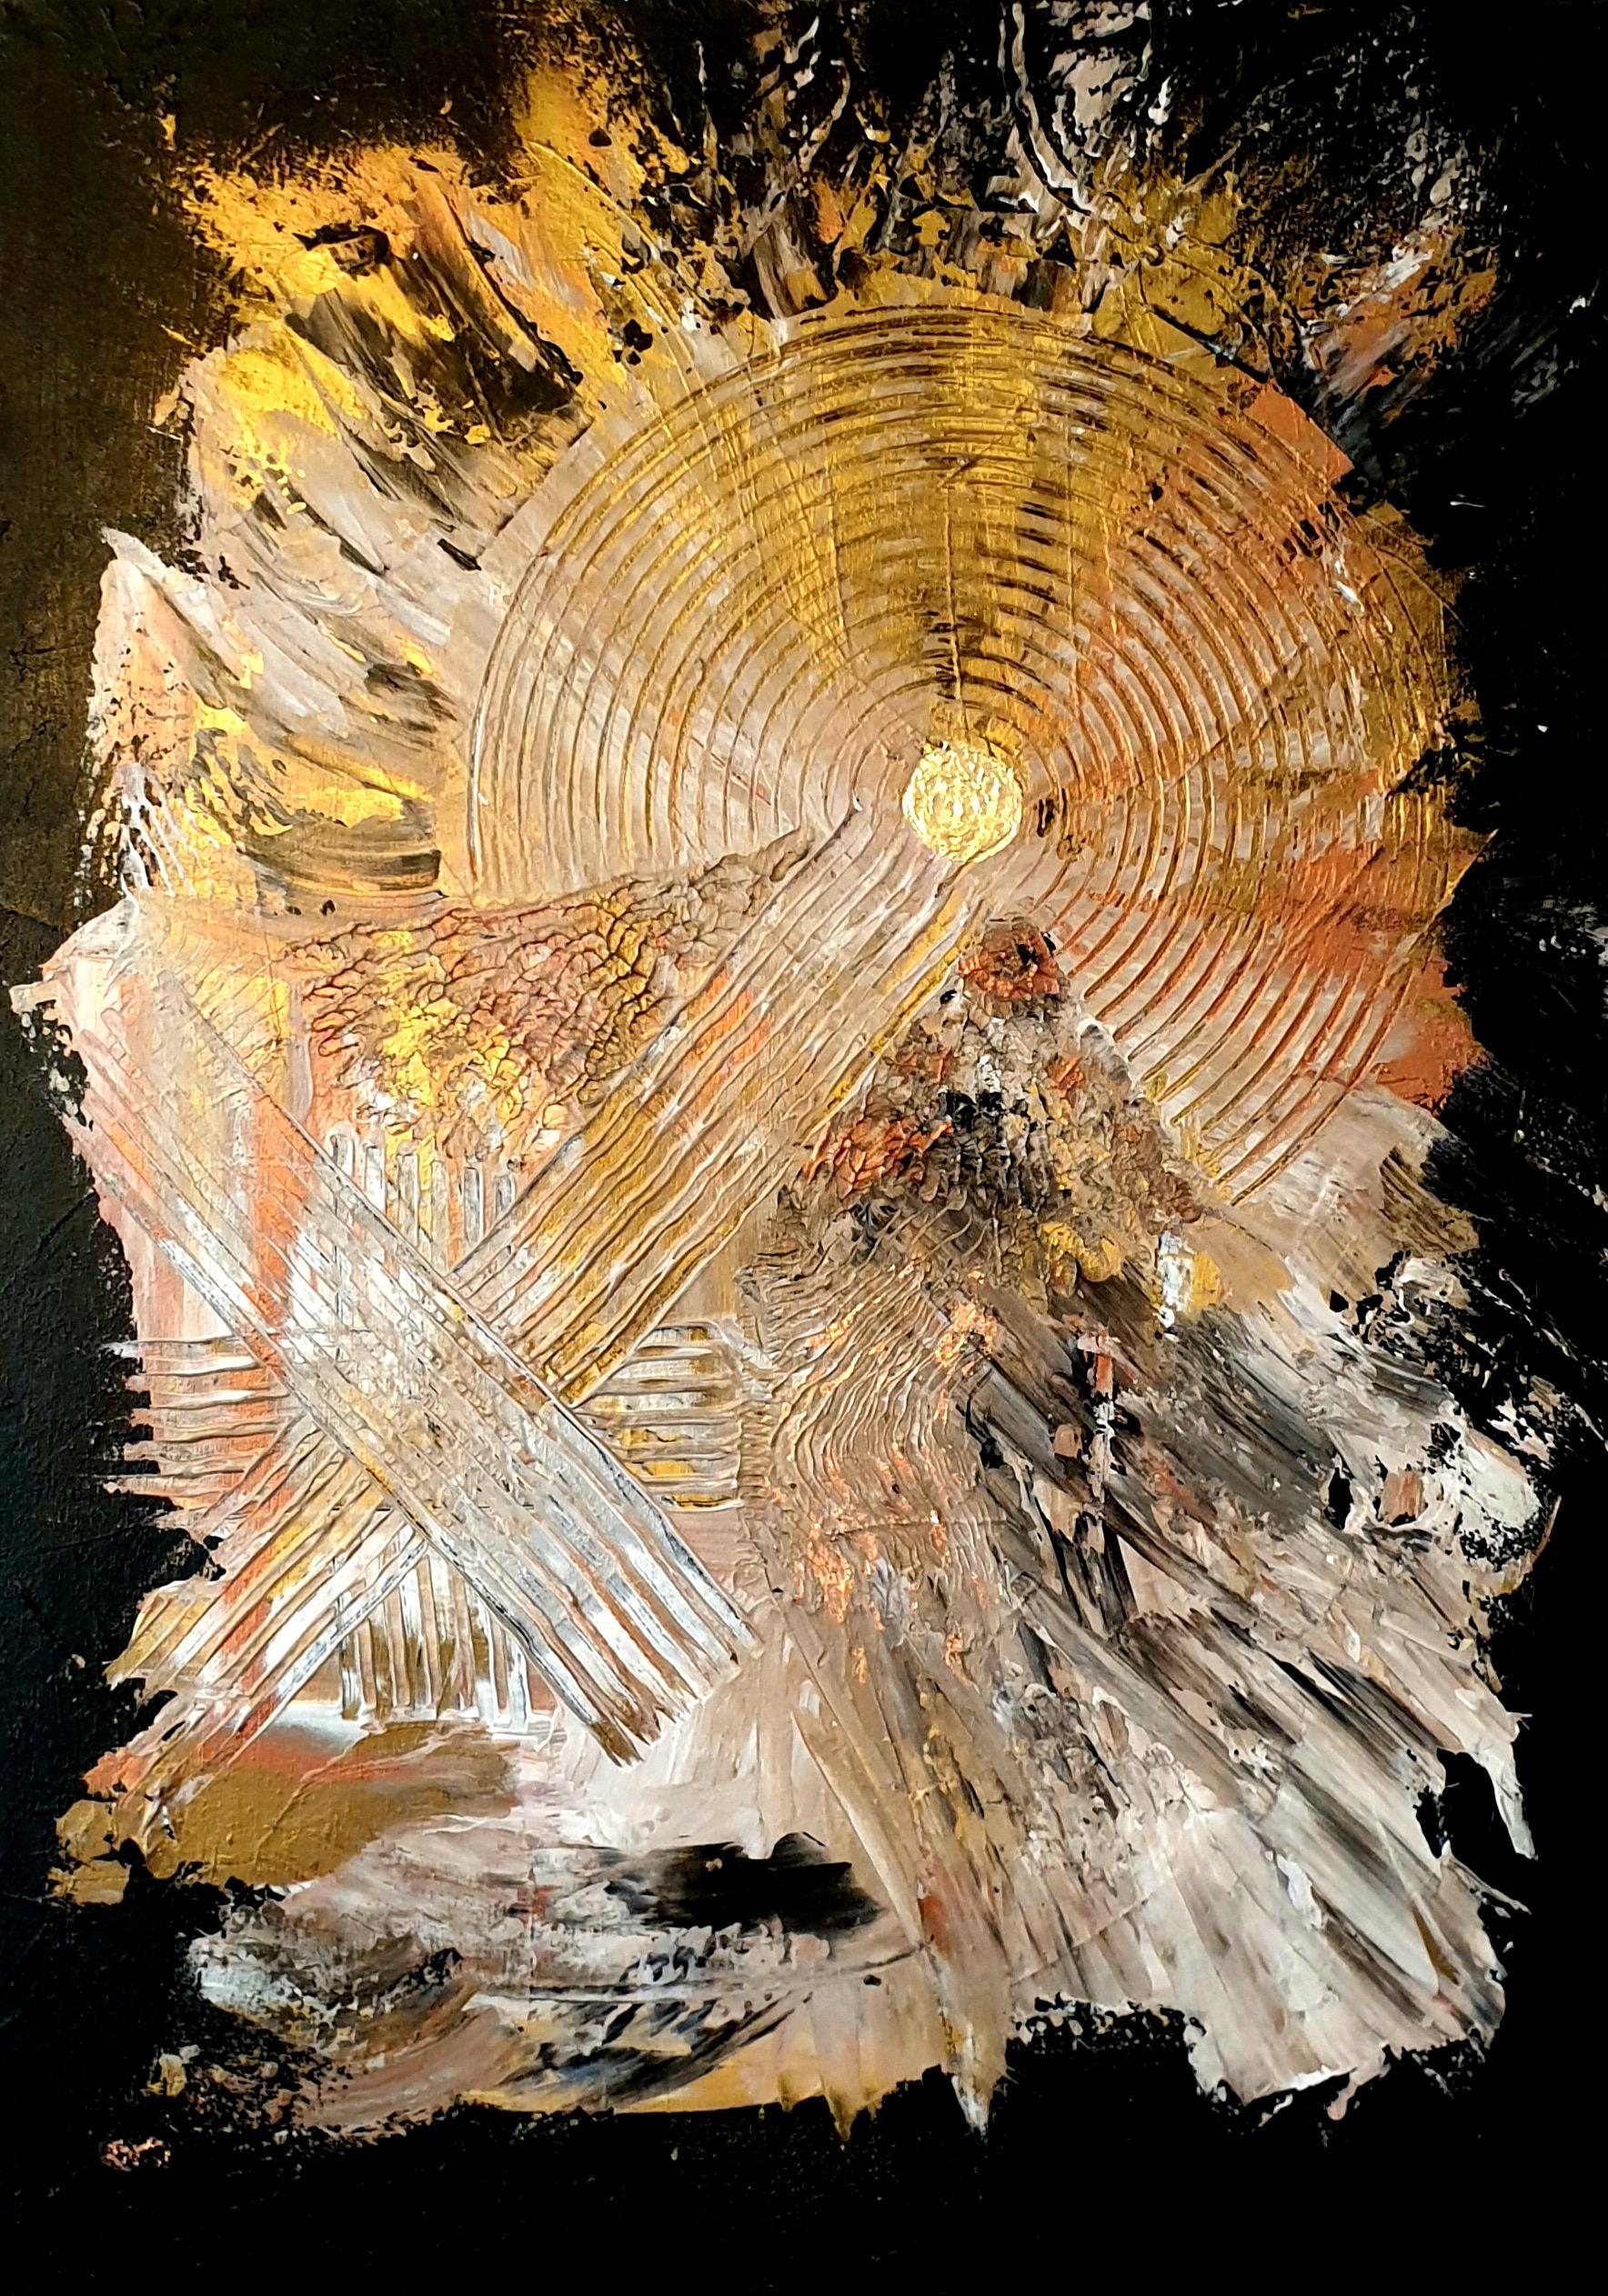 """Obraz akryl 50cm x 70cm pt. """"Nazca"""" (2020)"""